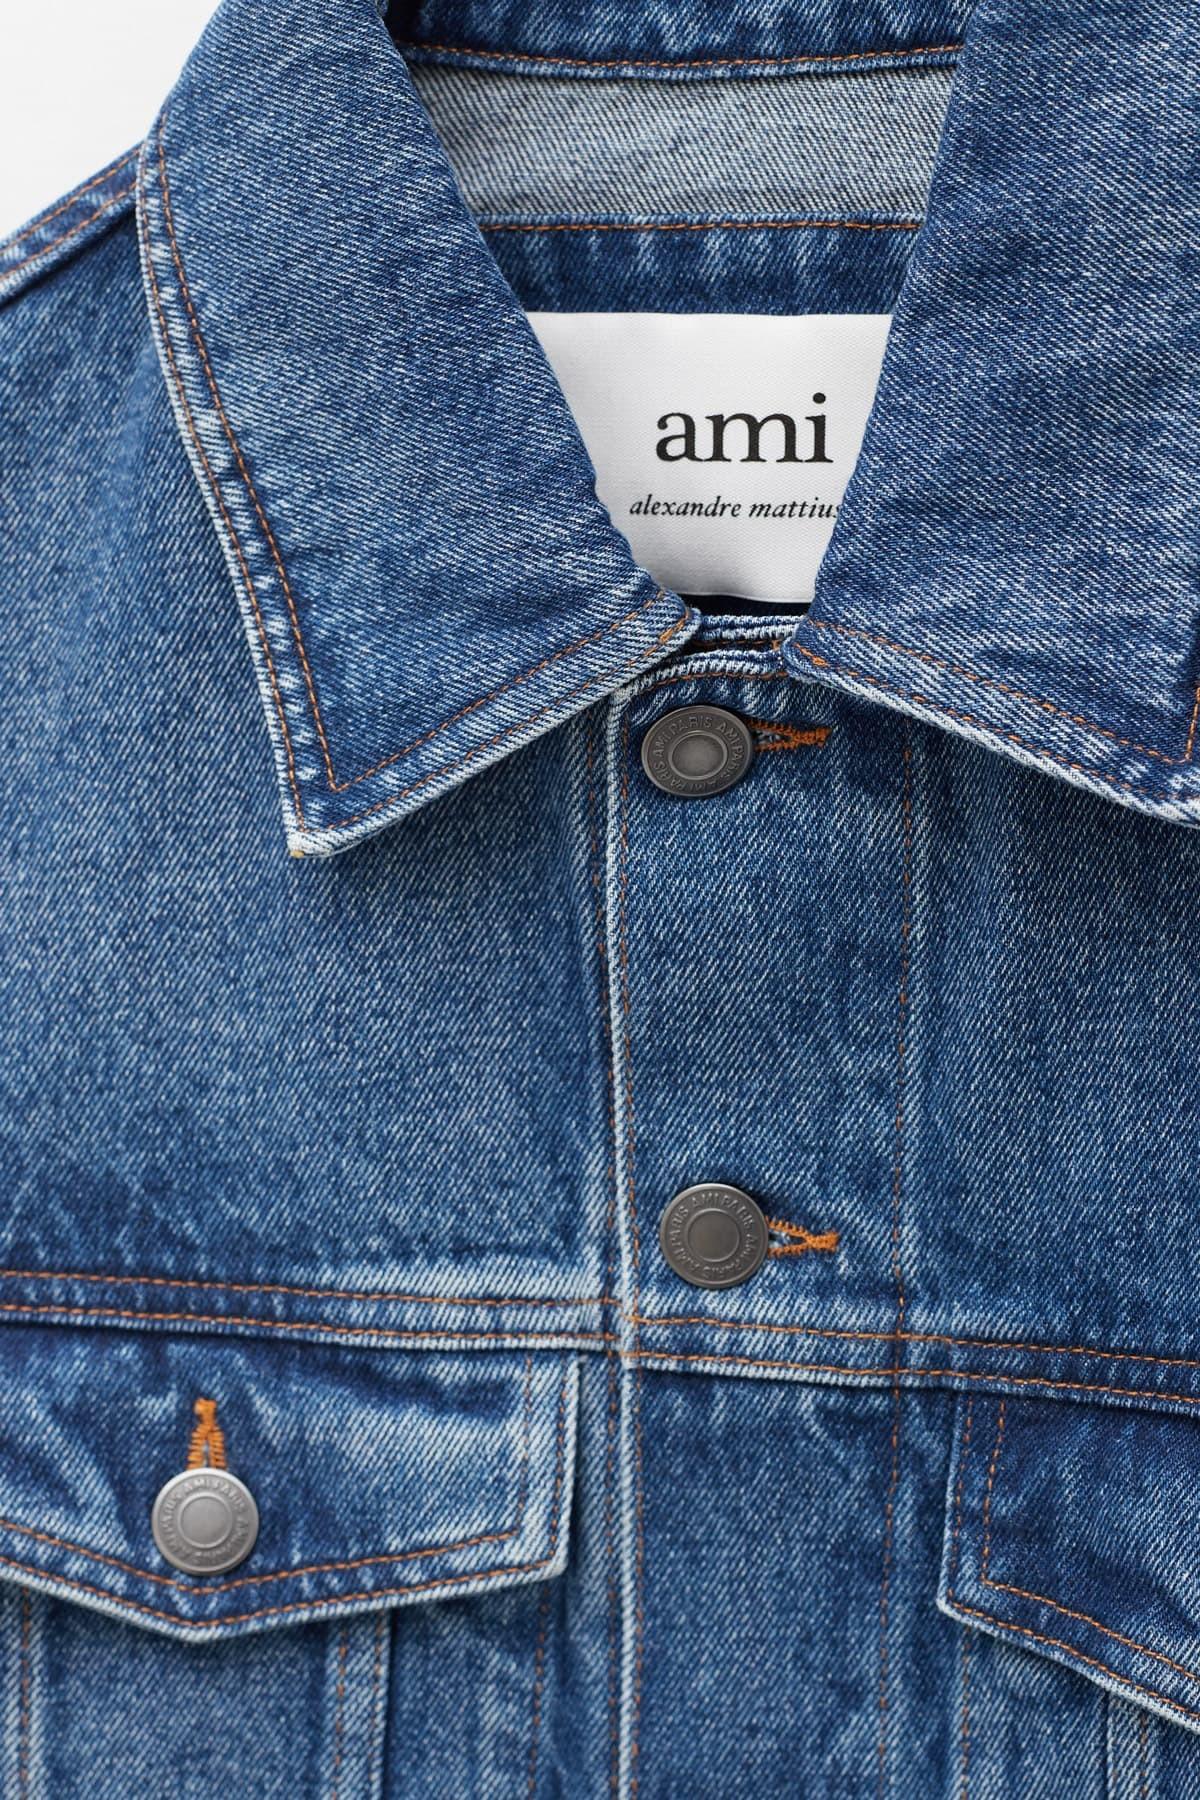 RASSVET White Skull T-Shirt PACC8T003